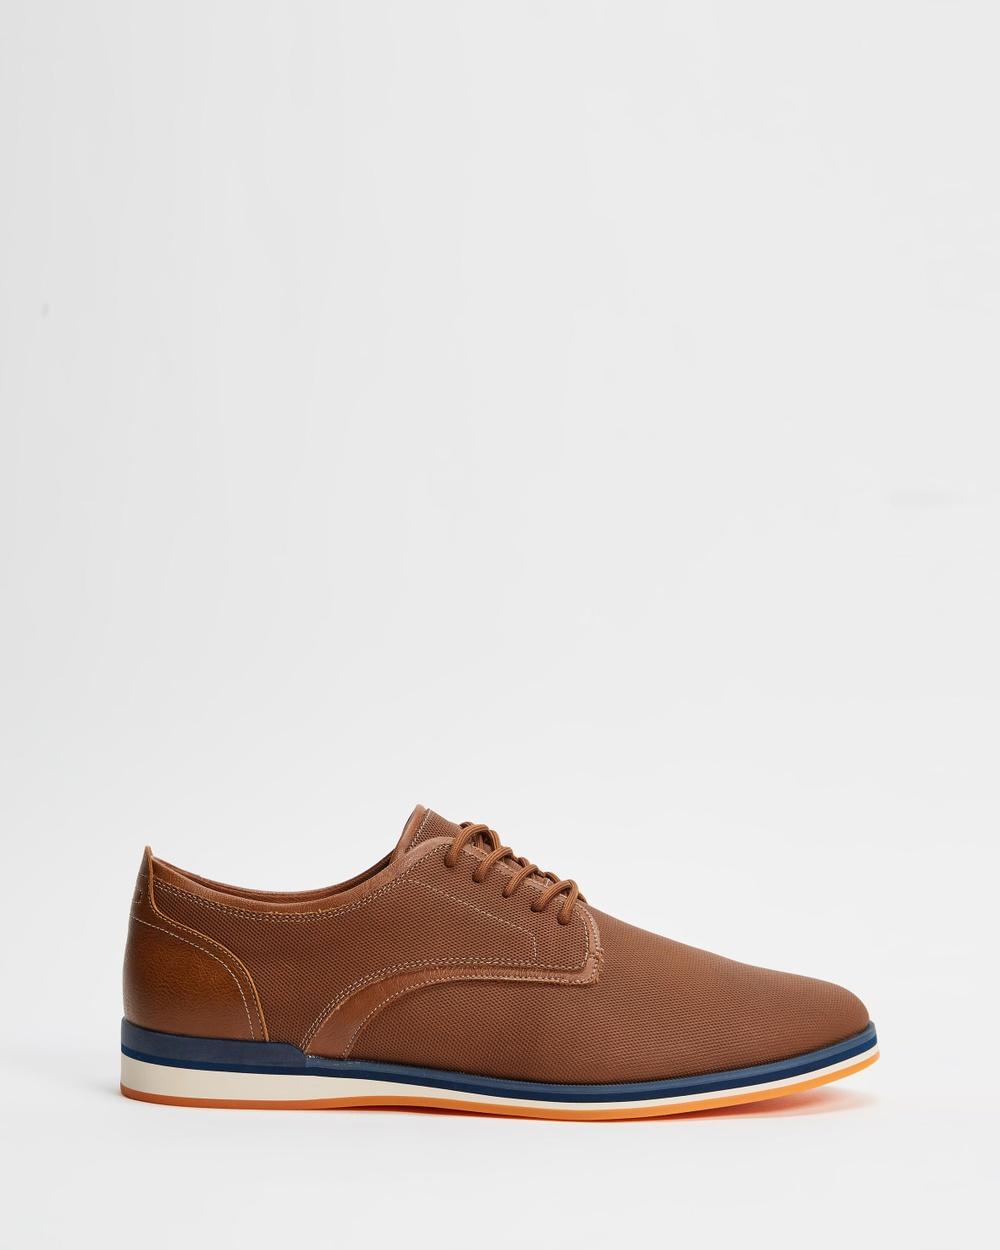 ALDO Eowoalian Casual Shoes Cognac